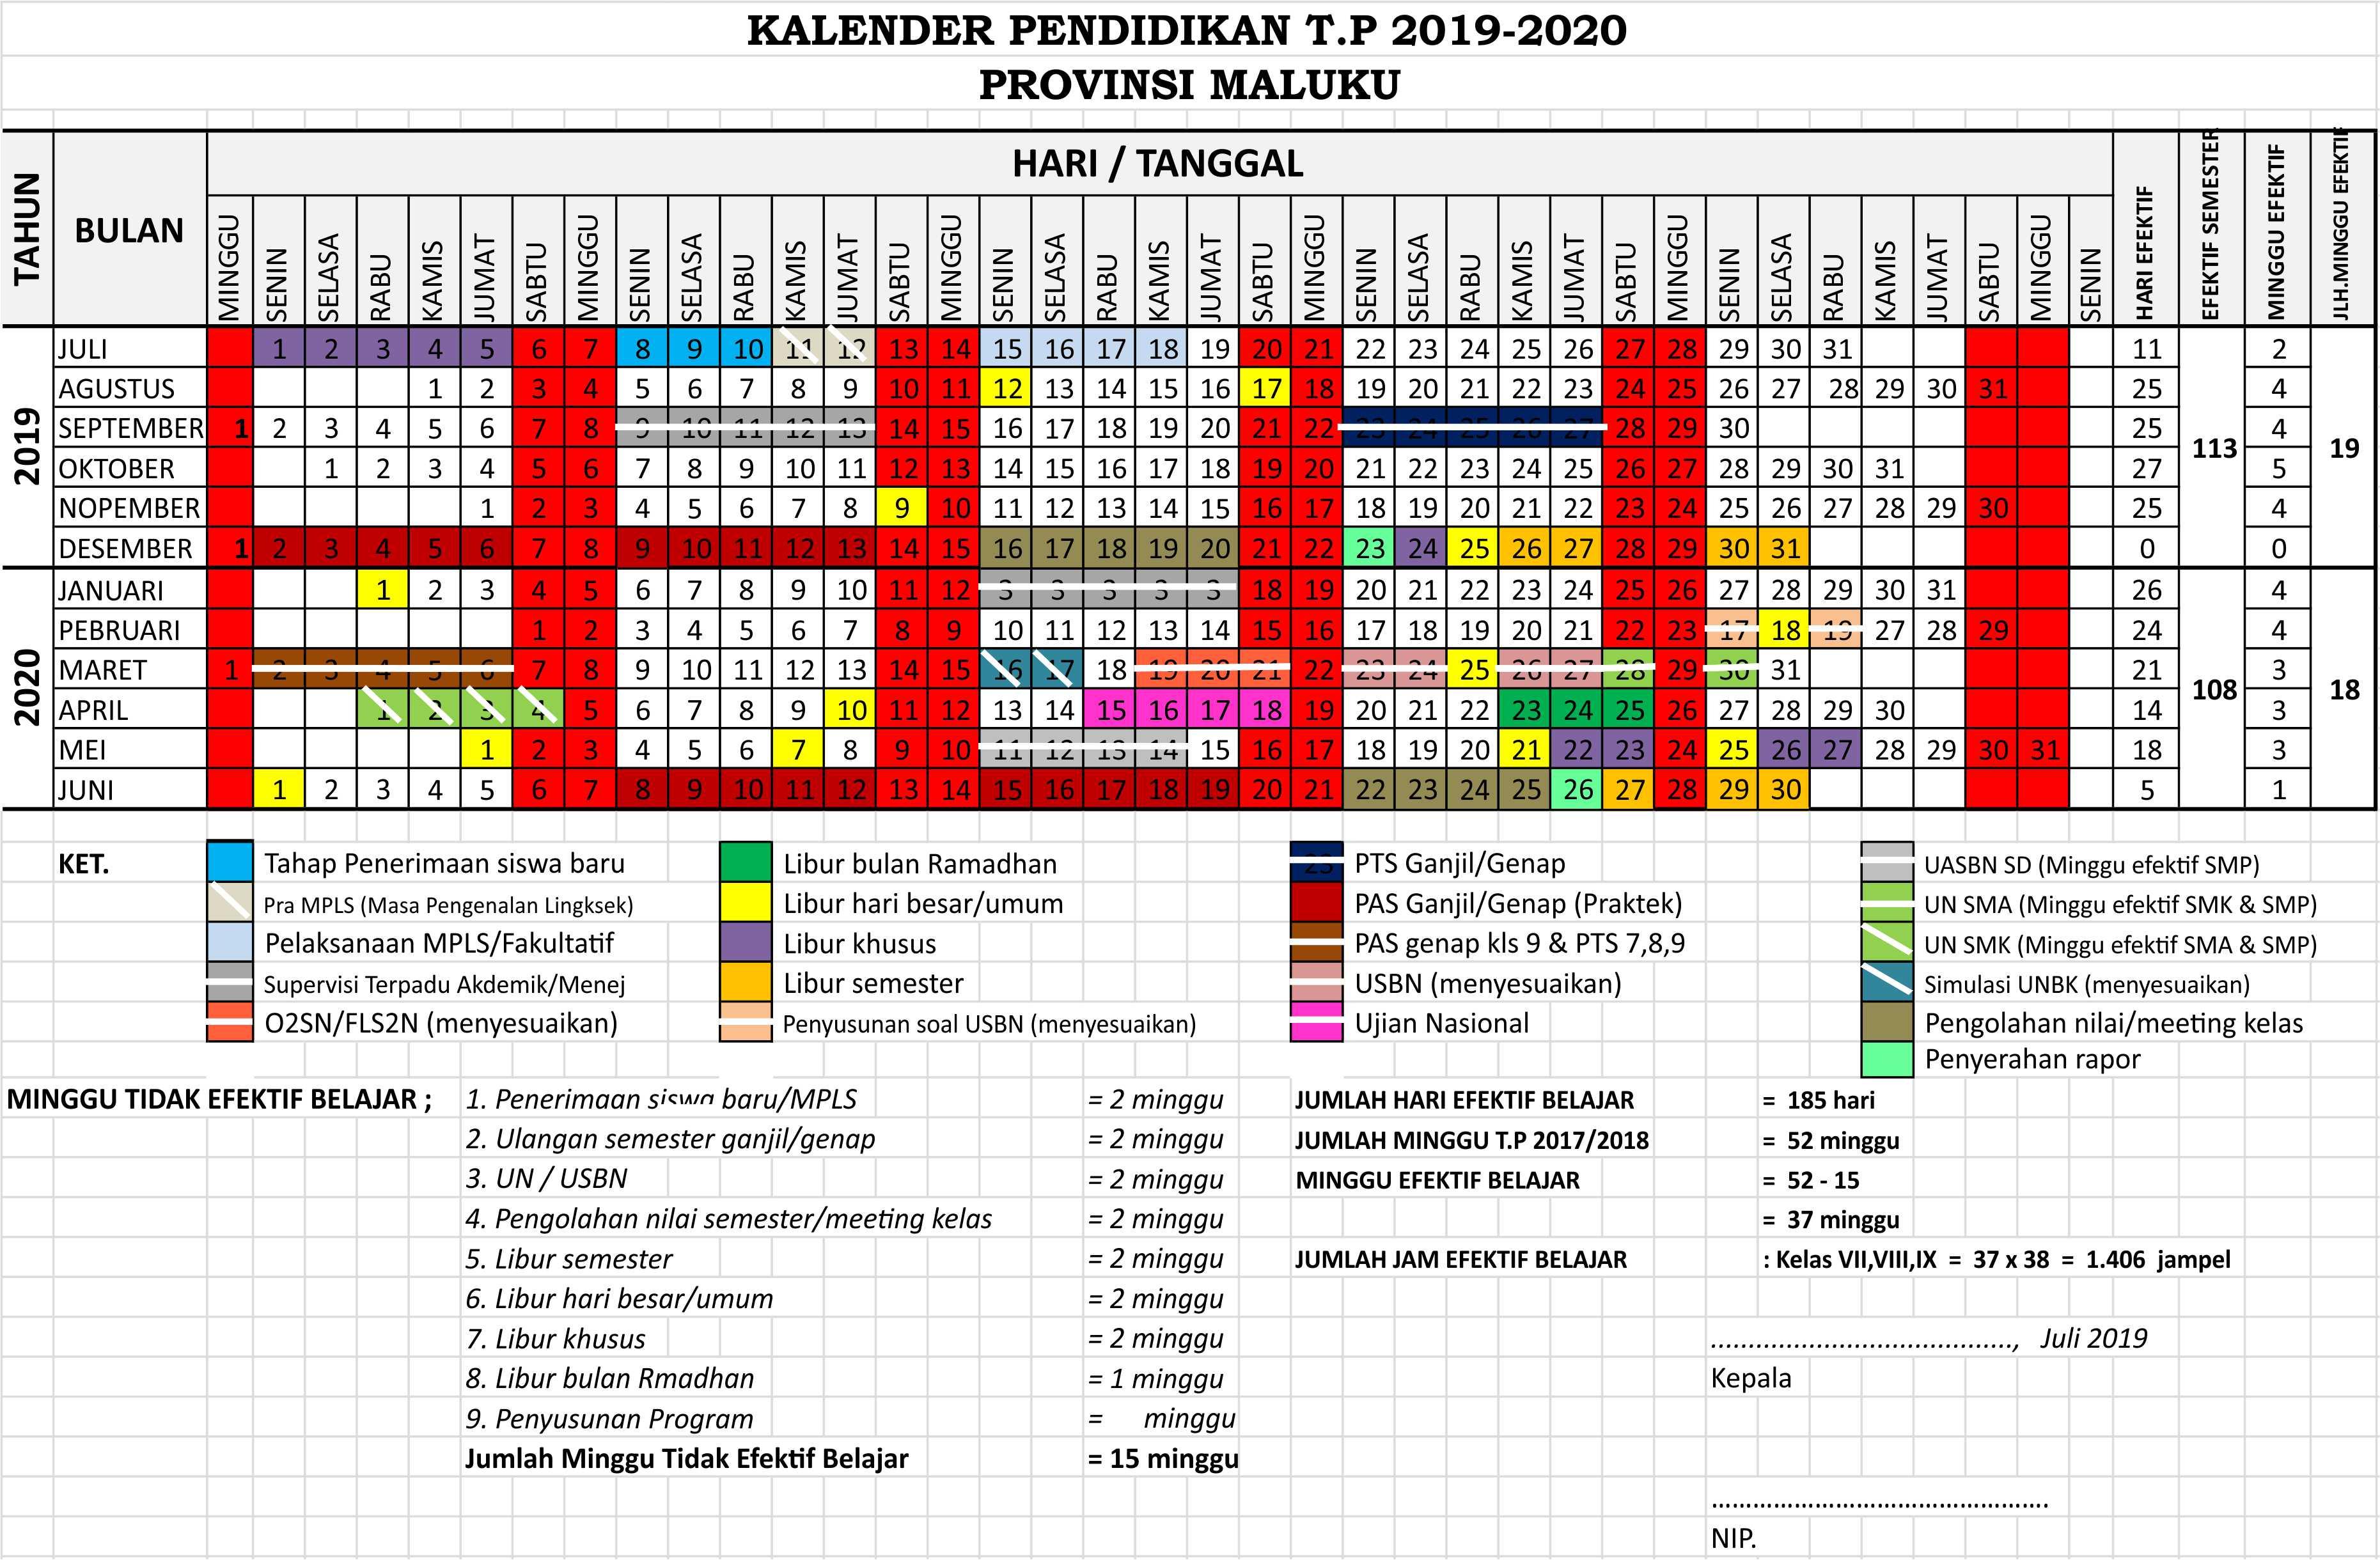 kalender pendidikan 2019 - 2020 maluku